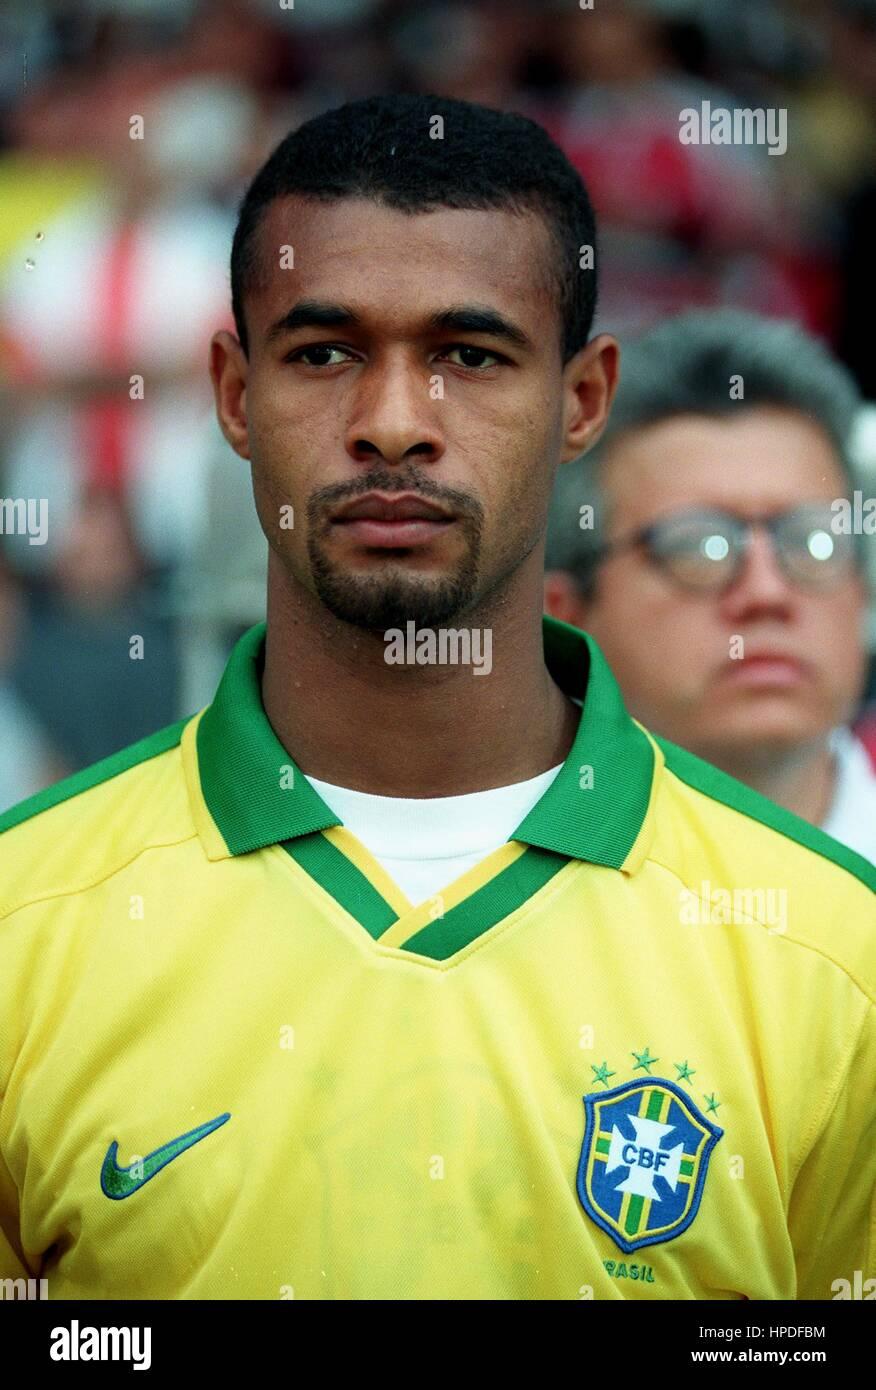 Faces by m4rcelo Ze-maria-brazil-parma-fc-18-june-1997-HPDFBM